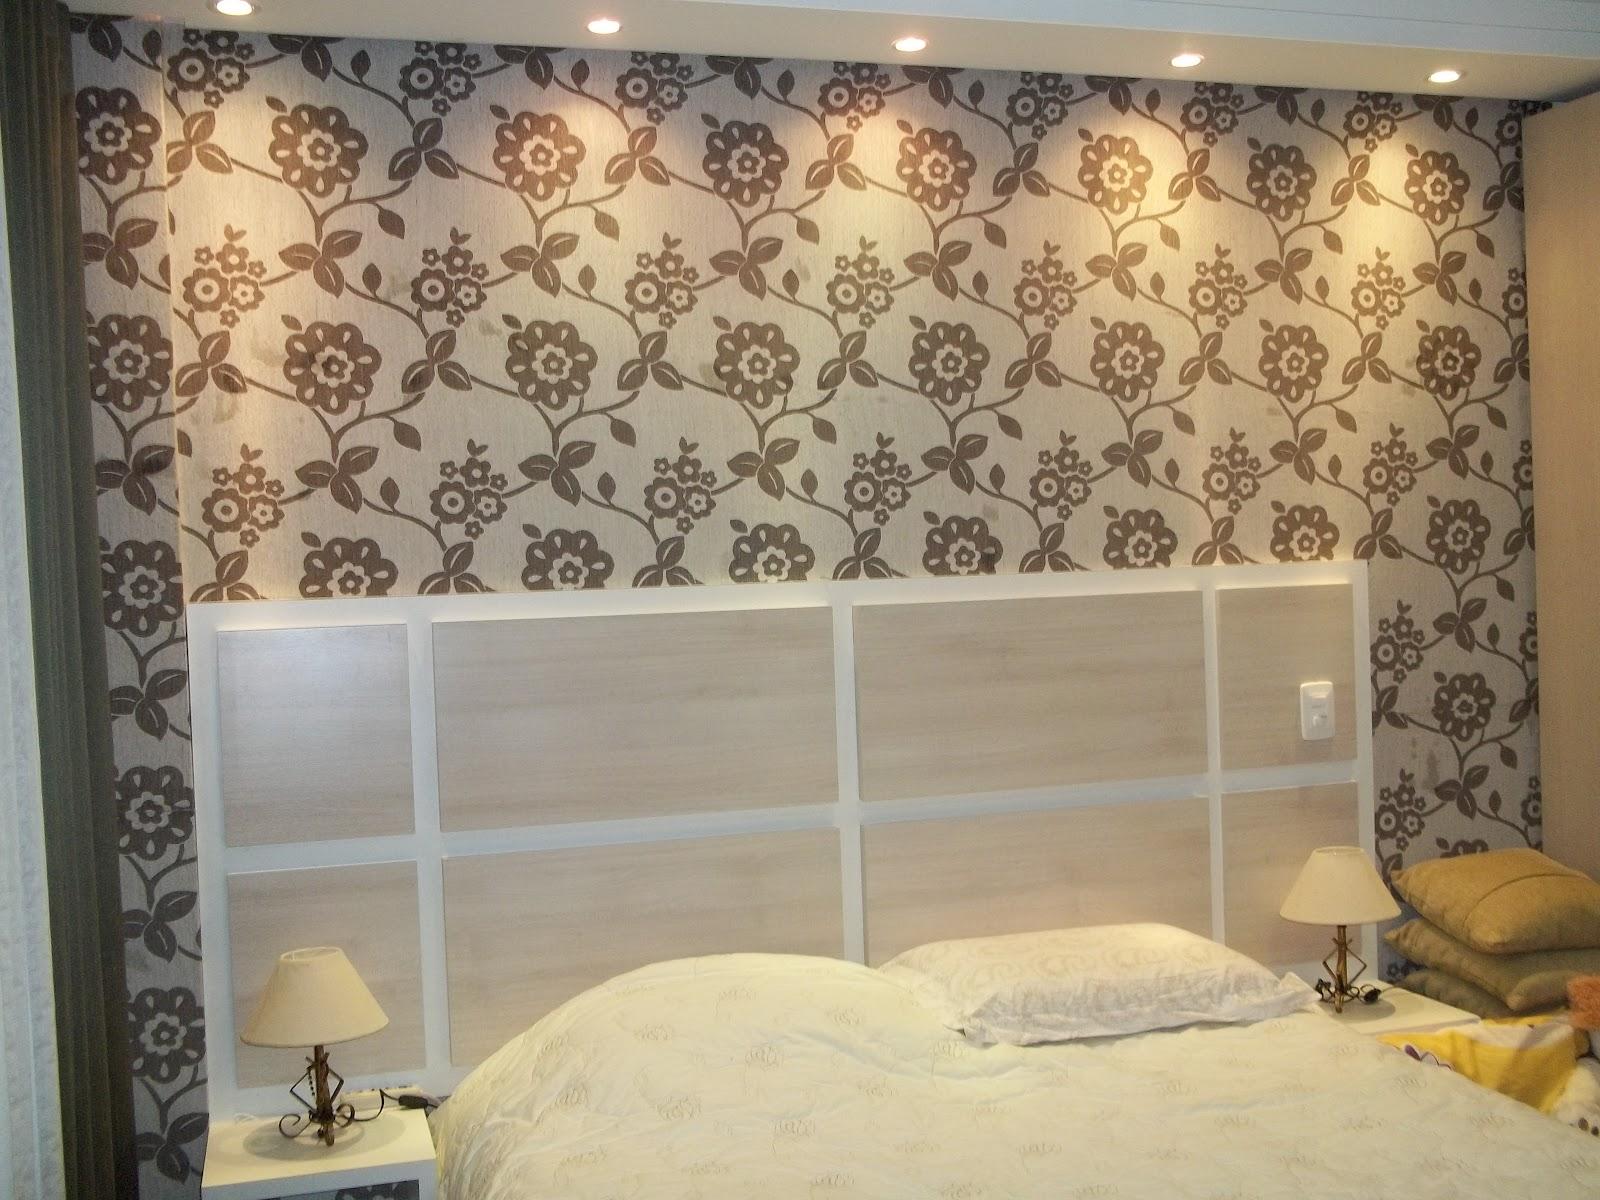 cabeceira de cama com luzes led criado mudo suspenso #977434 1600x1200